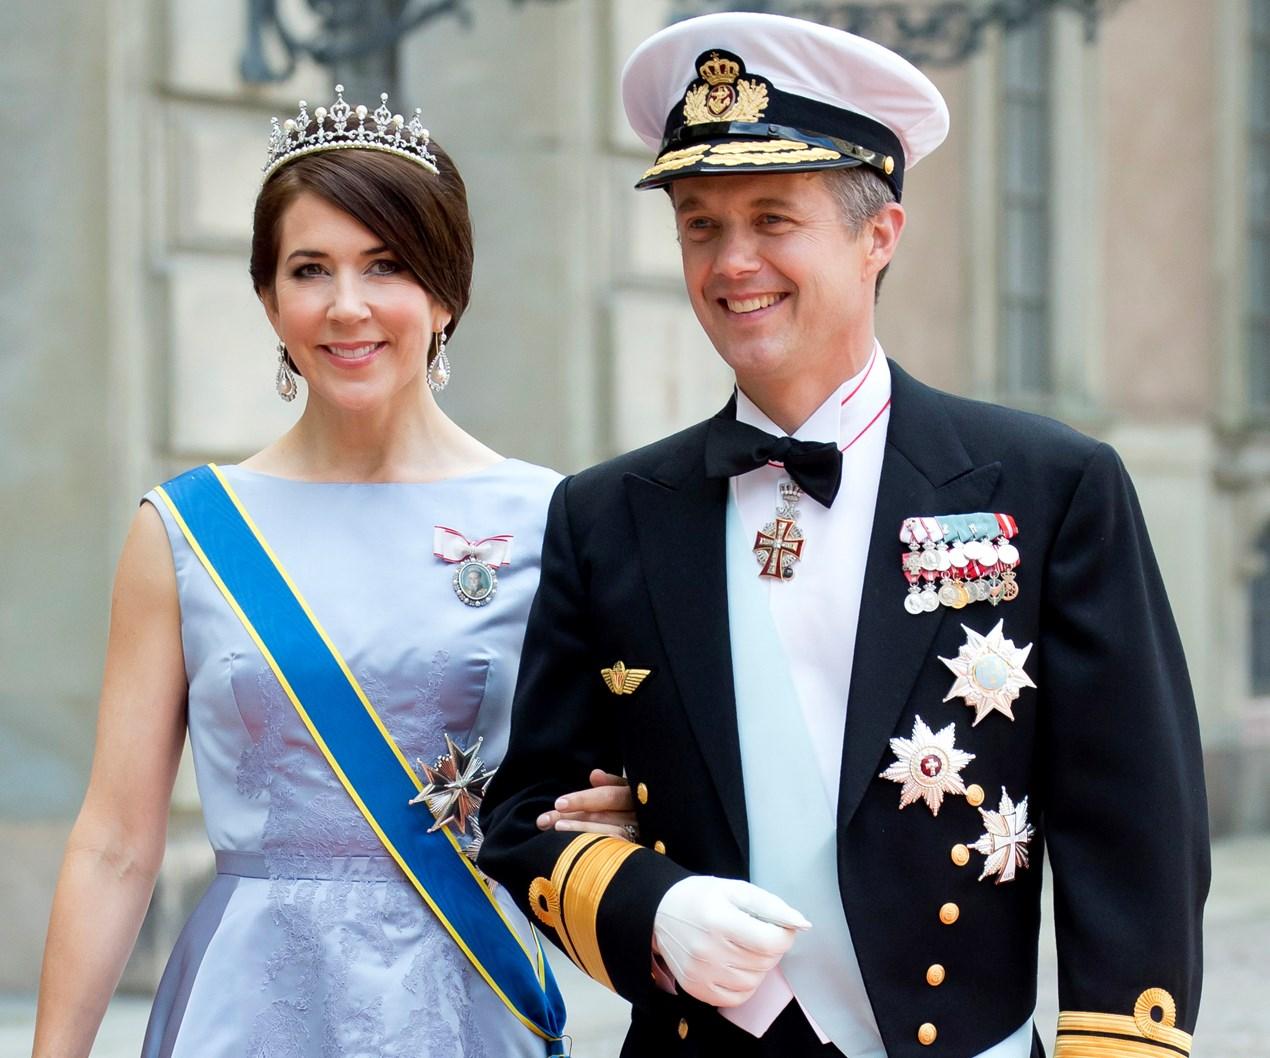 Happy birthday, Princess Mary!